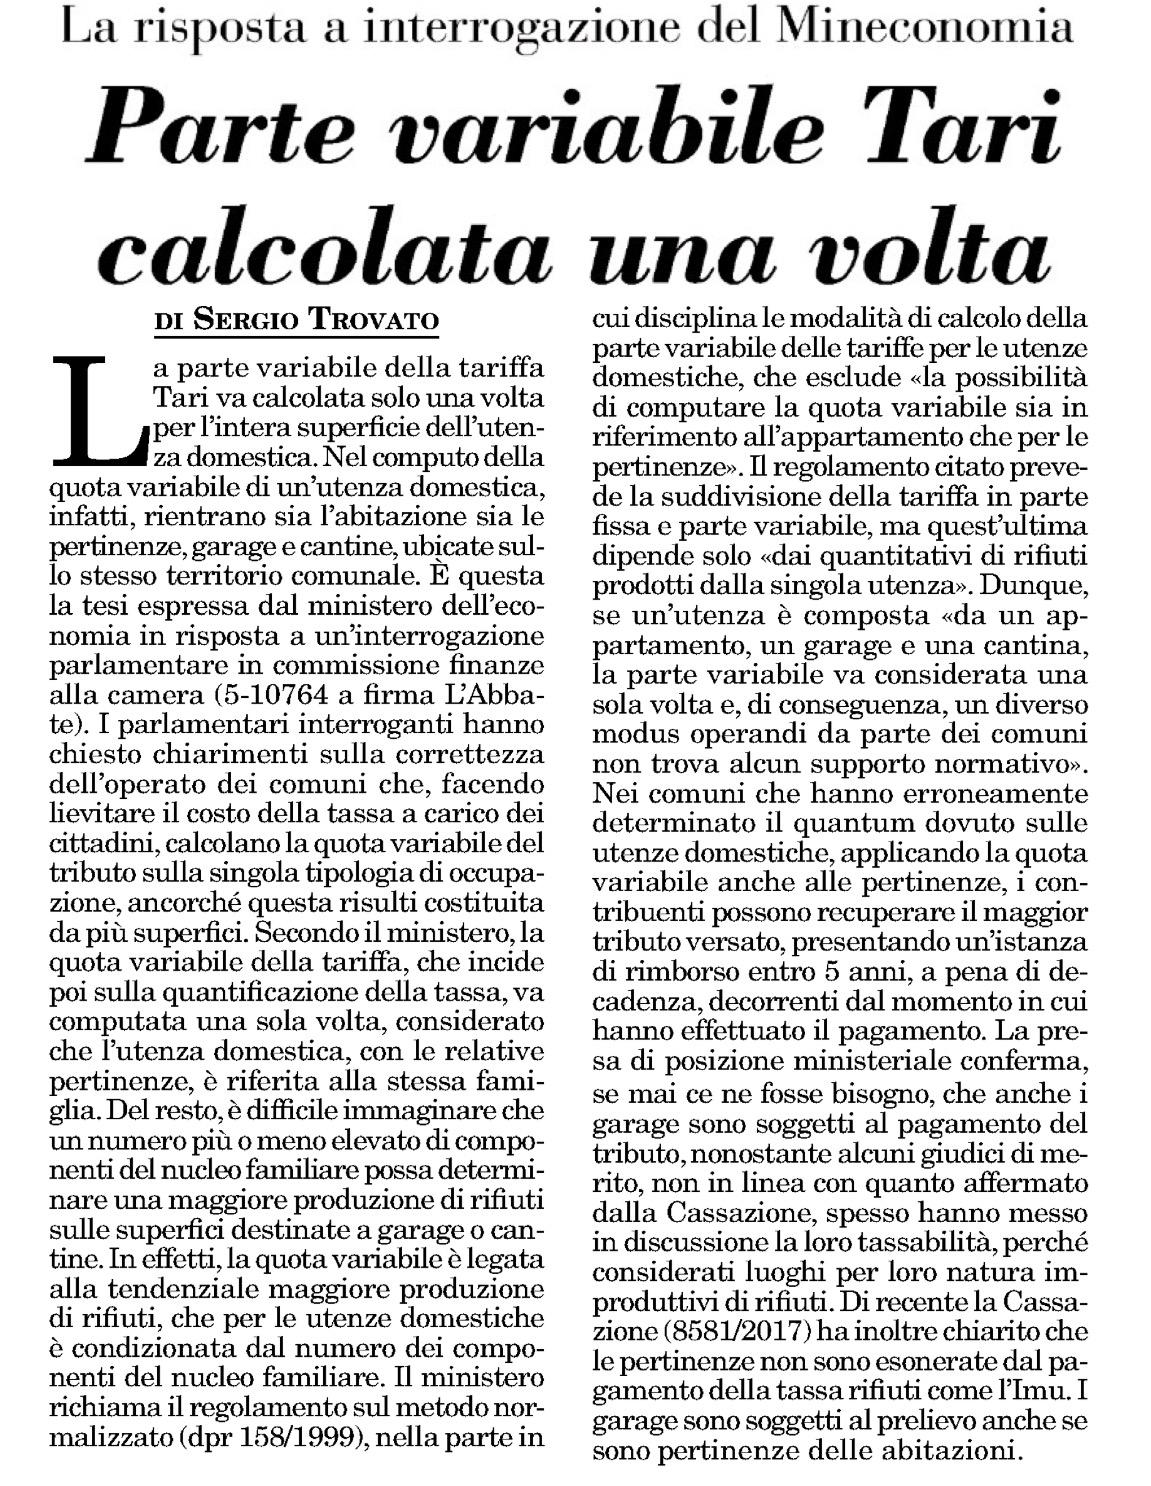 Italia Oggi - 02.11.2017